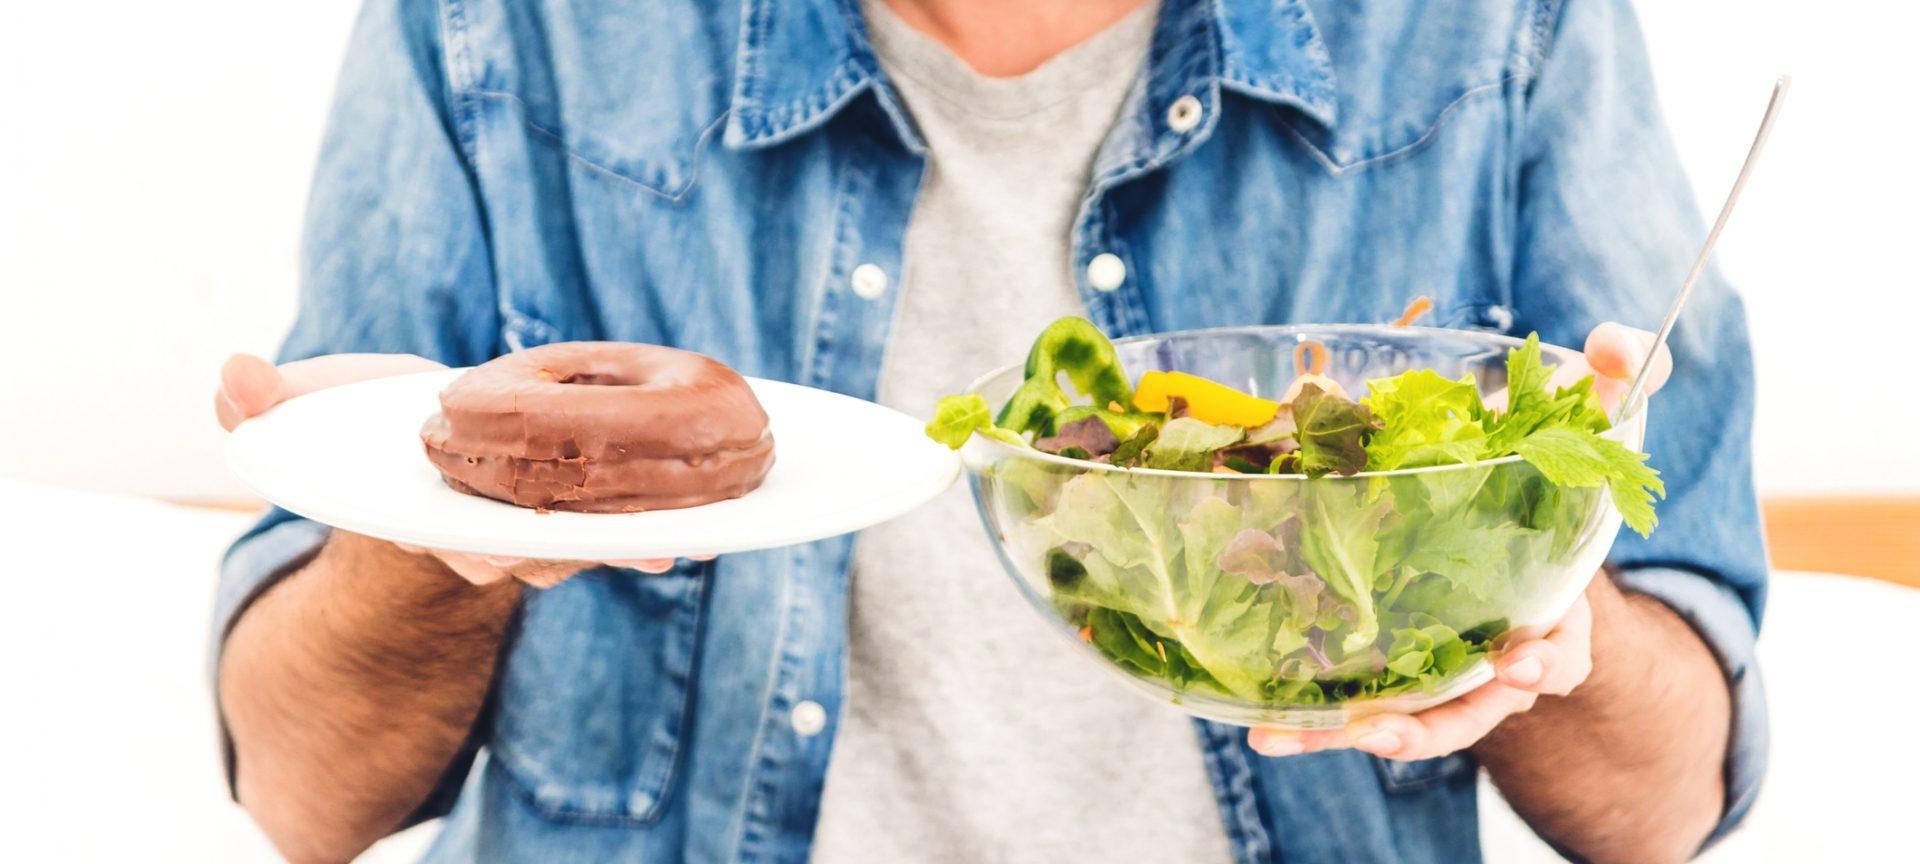 Bagel cu conținut scăzut de carbohidrați - Pierde în greutate Carb scăzut